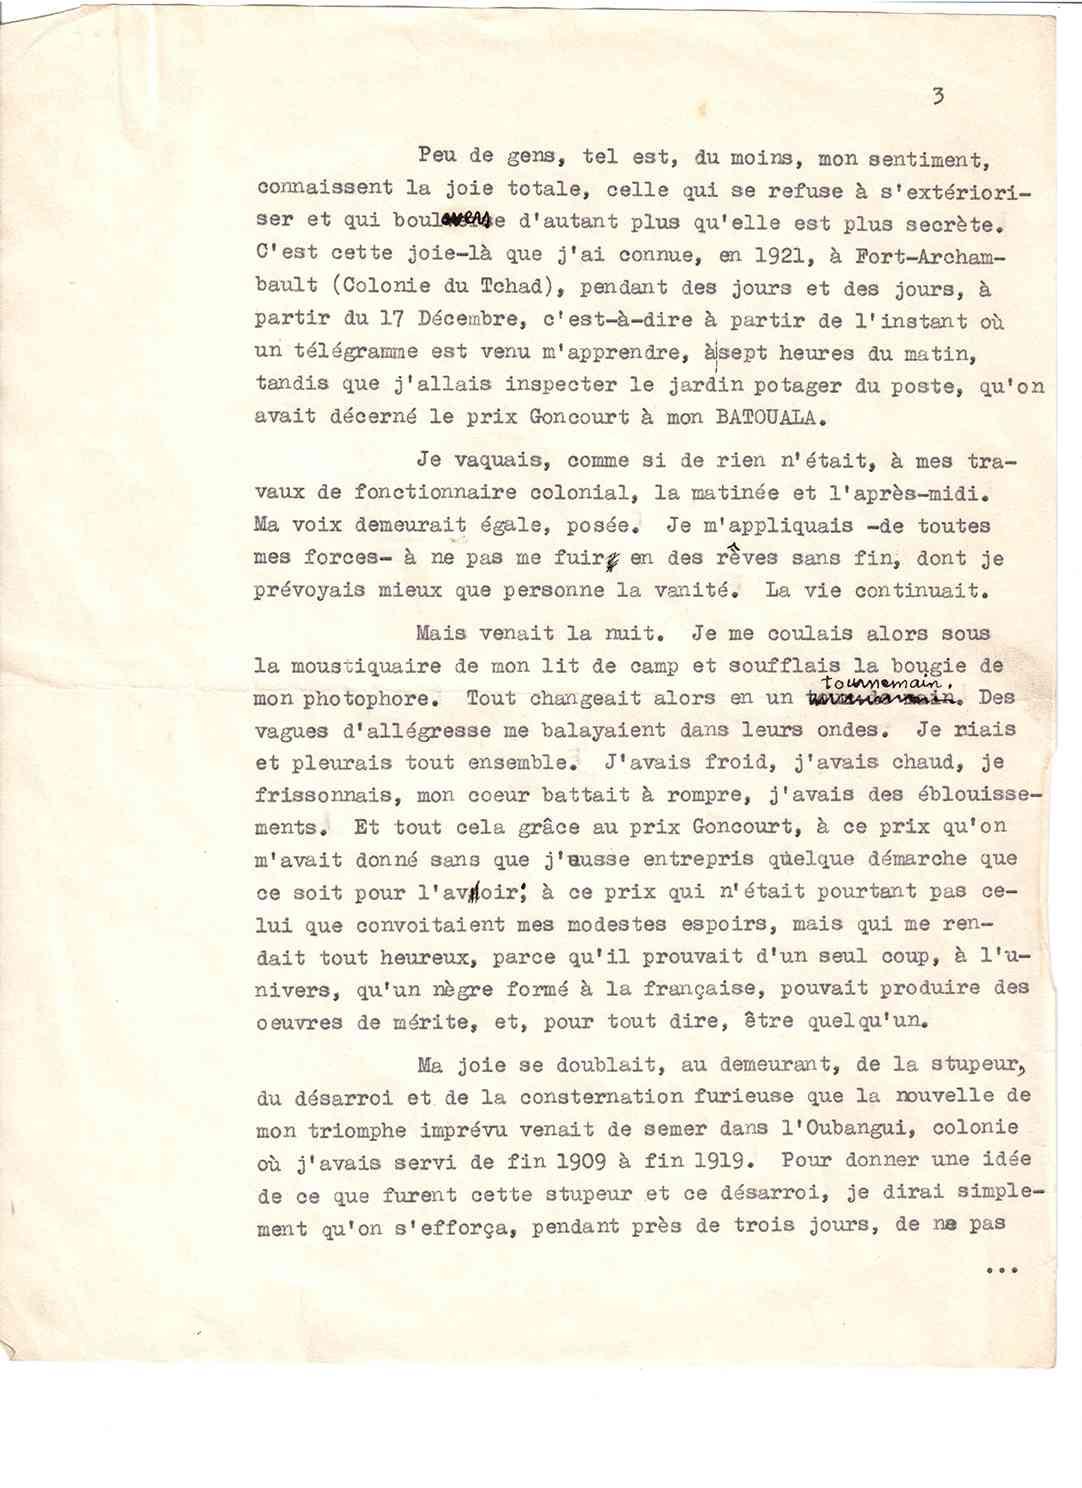 Causerie Page 3, René Maran